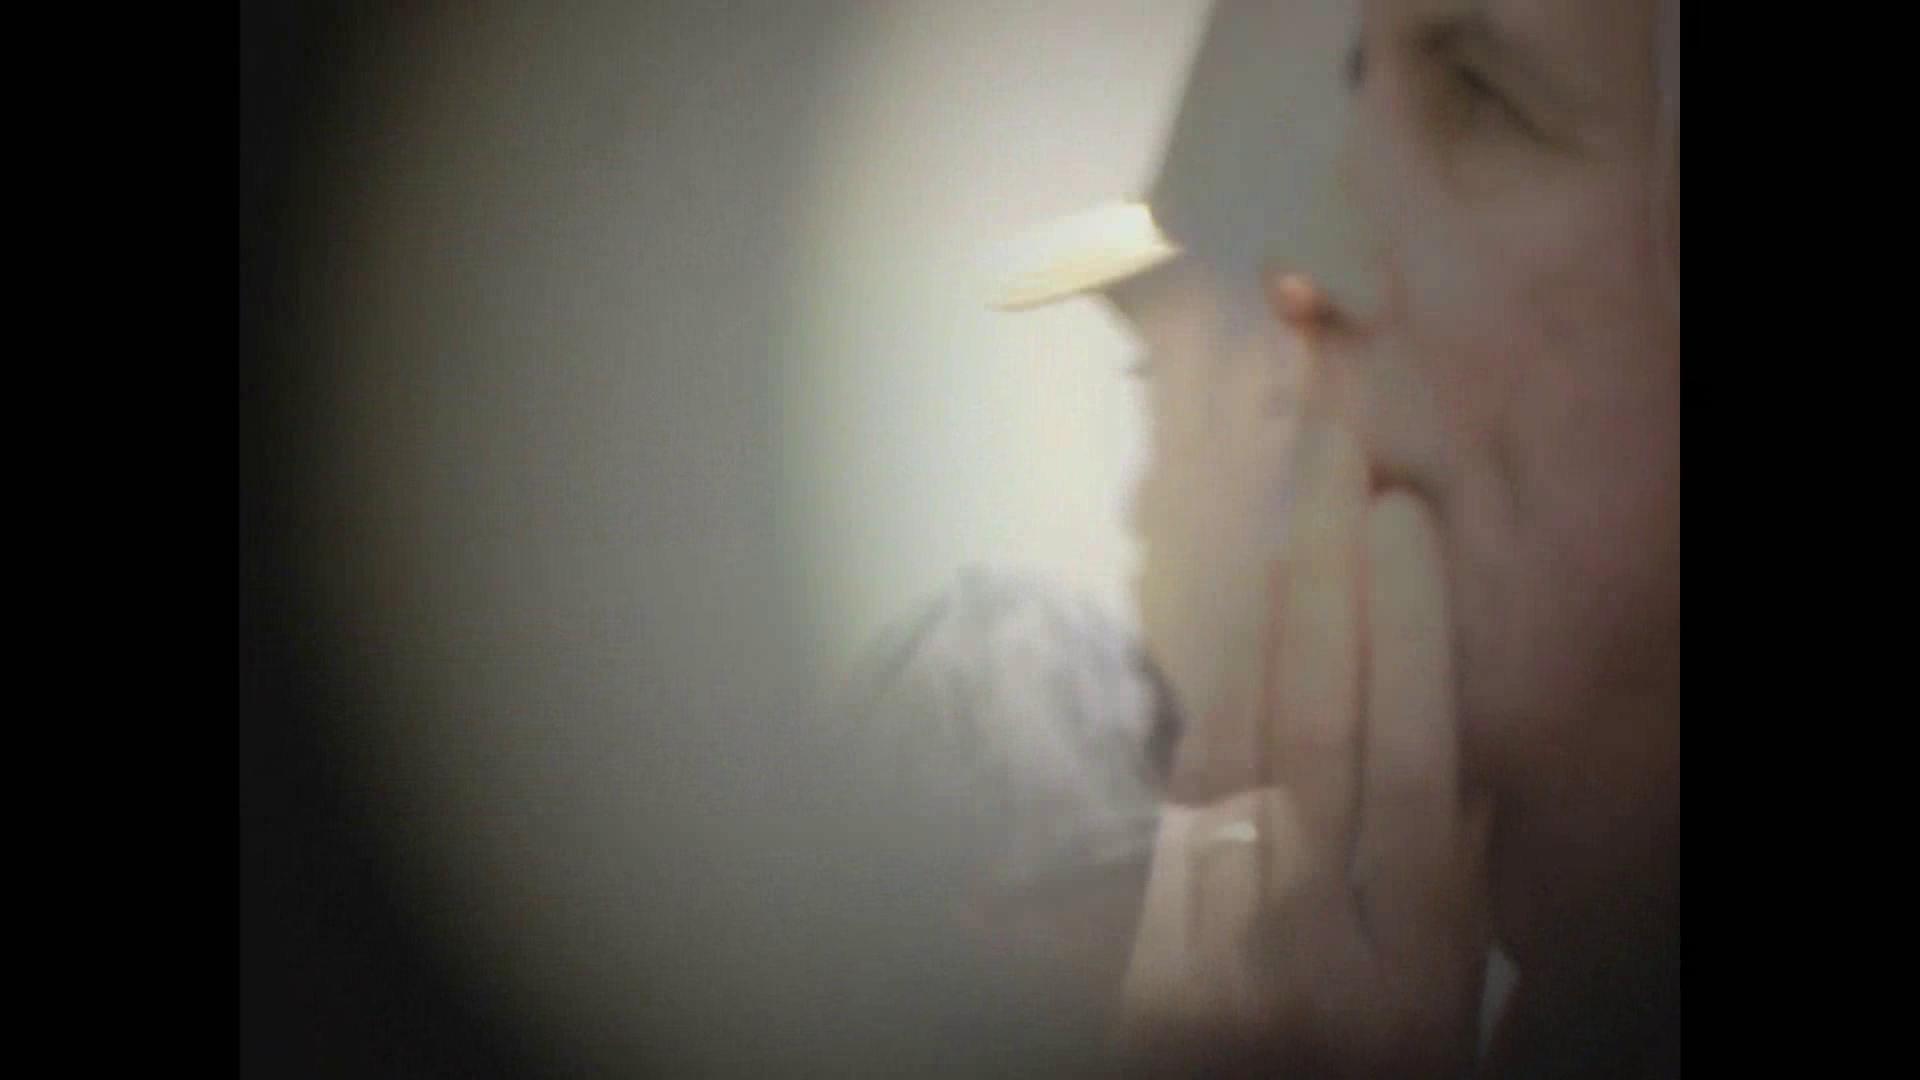 イケメンの素顔in洗面所 Vol.04 ノンケボーイズ | イケメンのsex  66pic 12